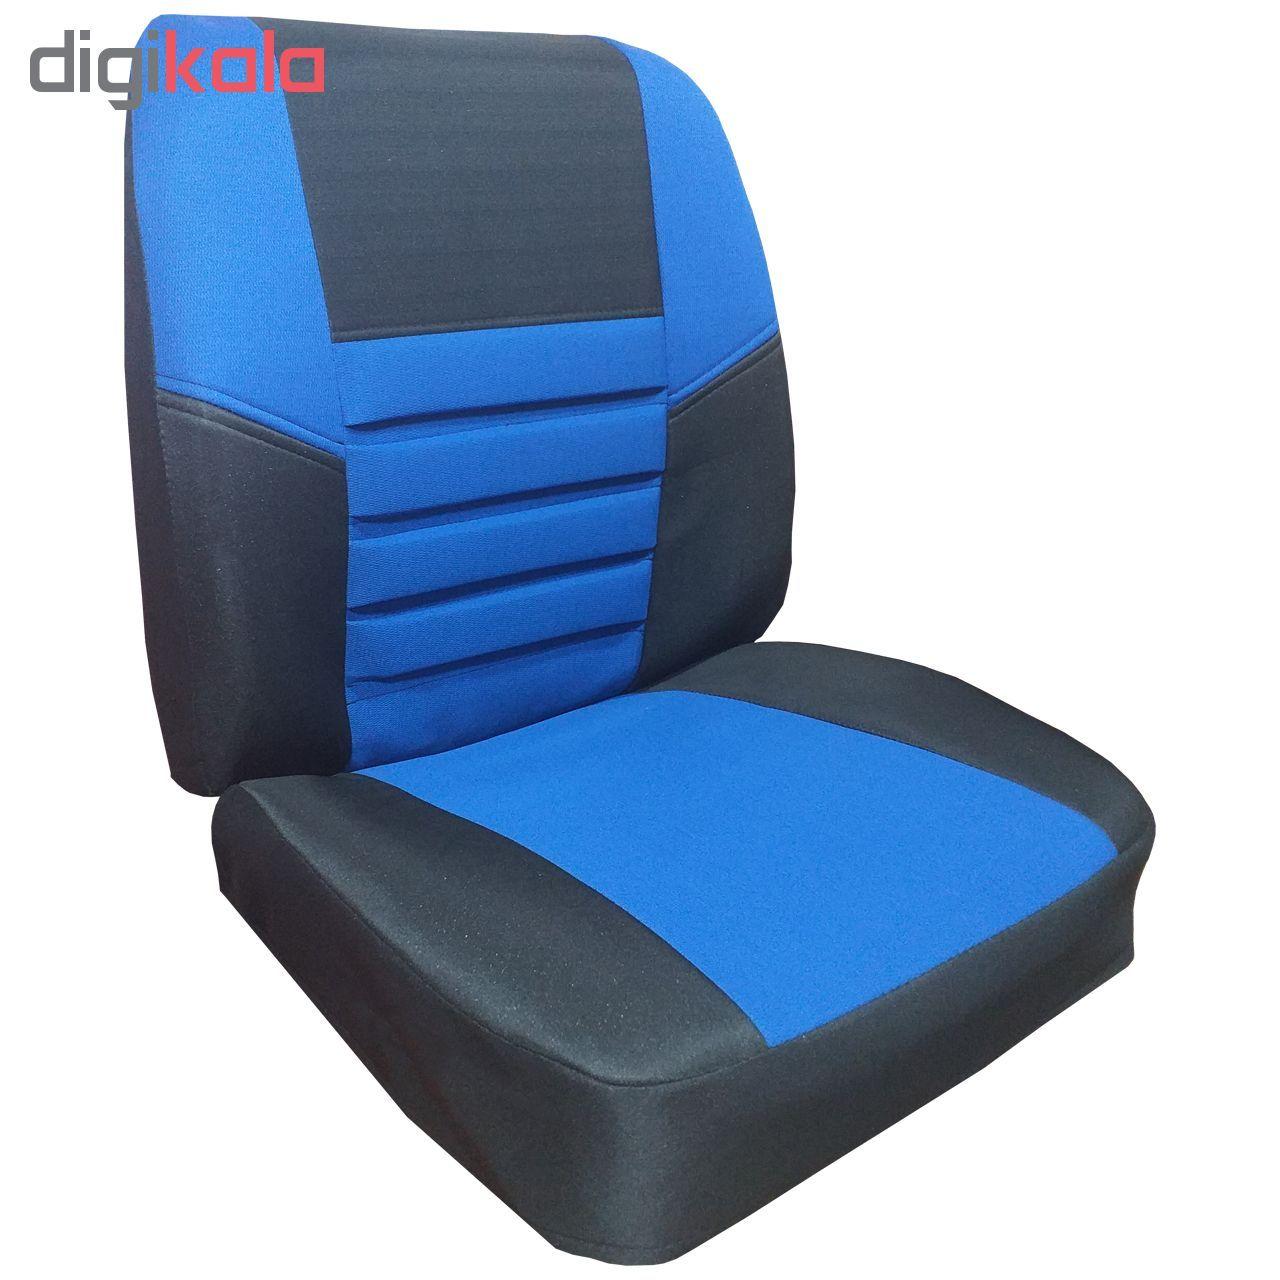 روکش صندلی خودرو مدل 2002 مناسب برای پراید صبا main 1 4